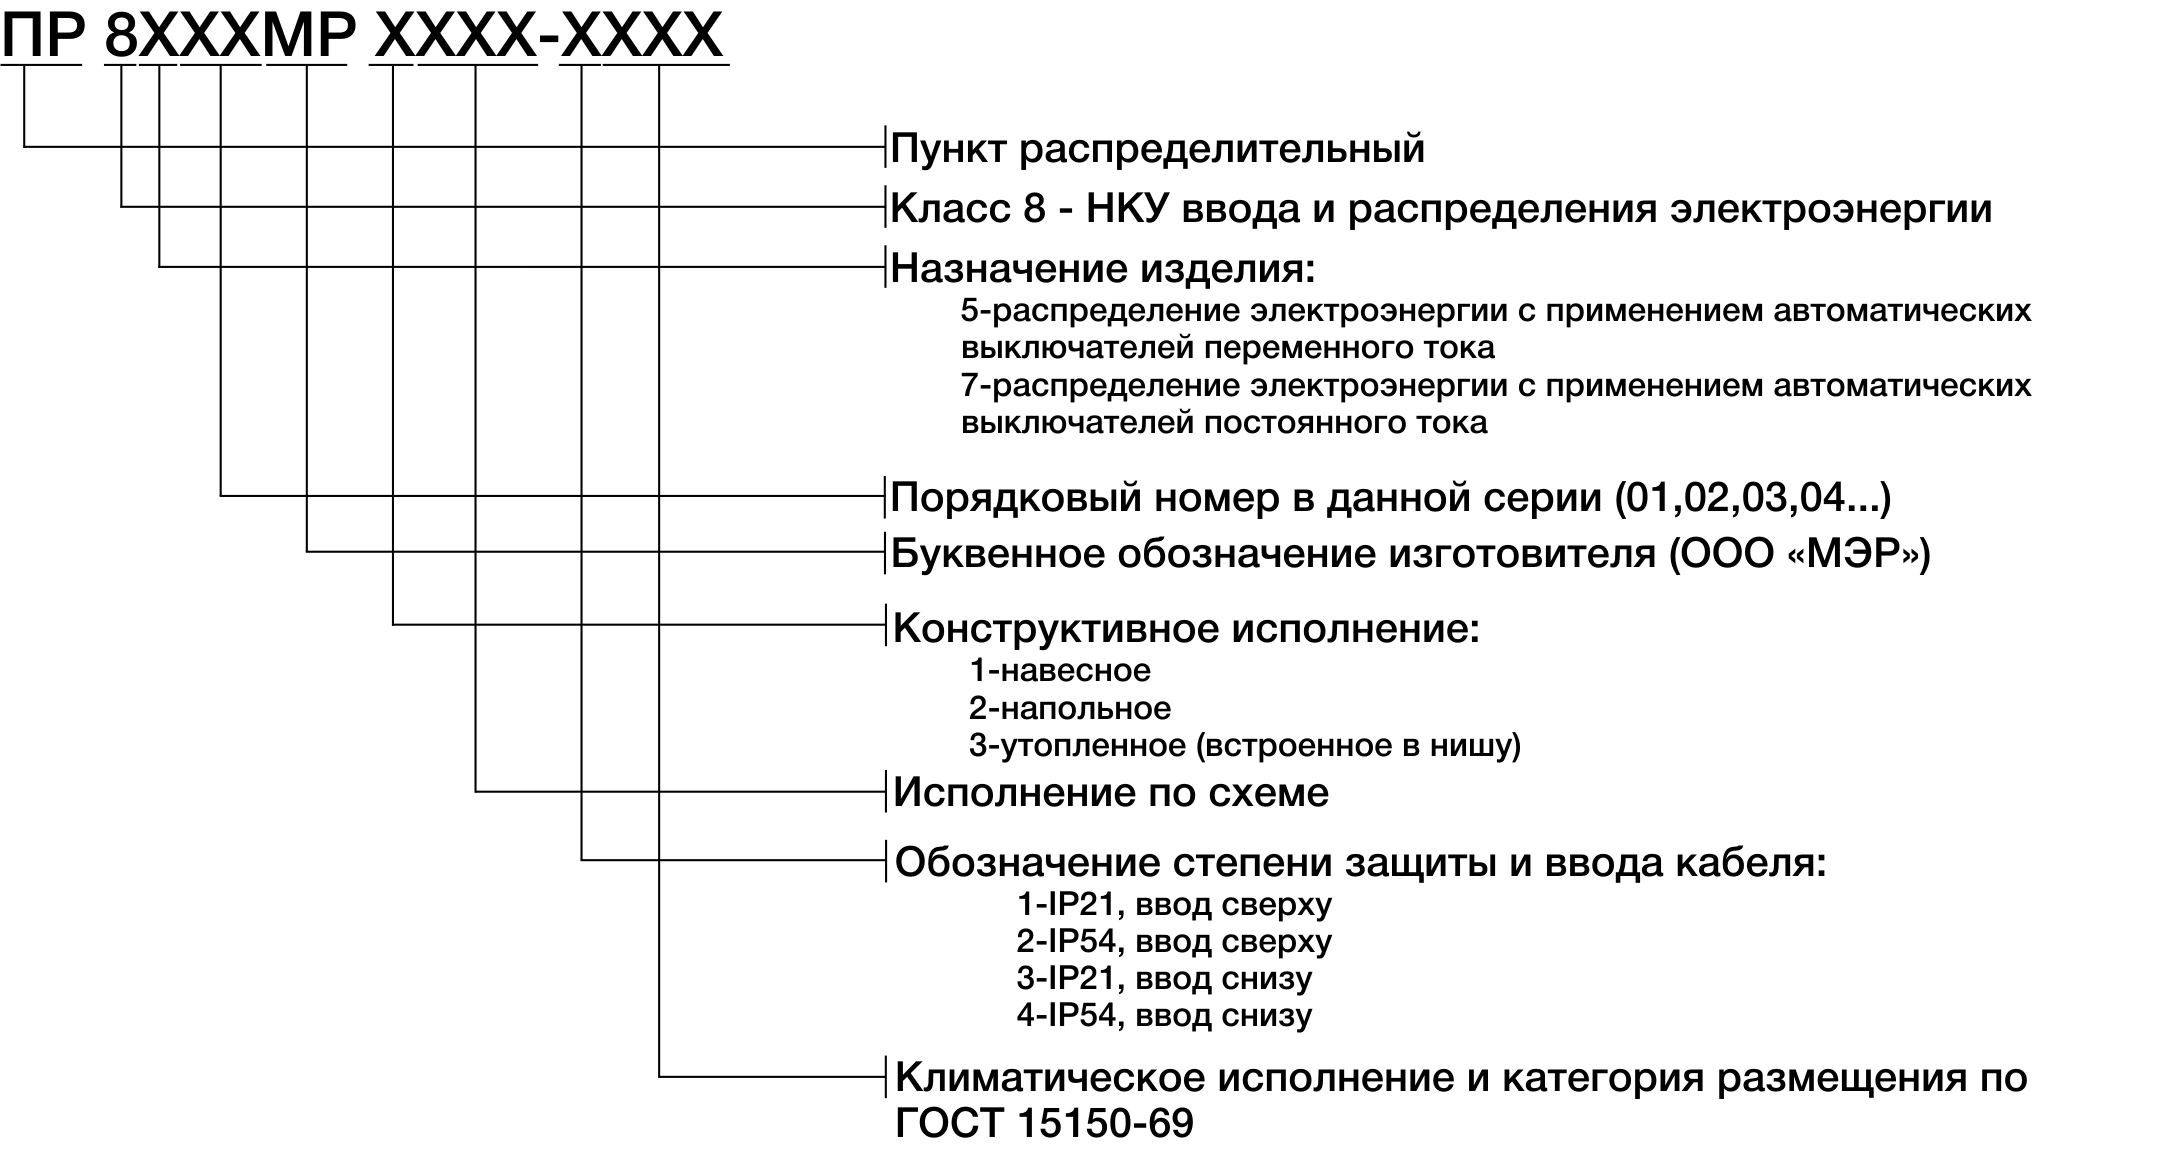 Структура условного обозначения пунктов ПР-8000МР